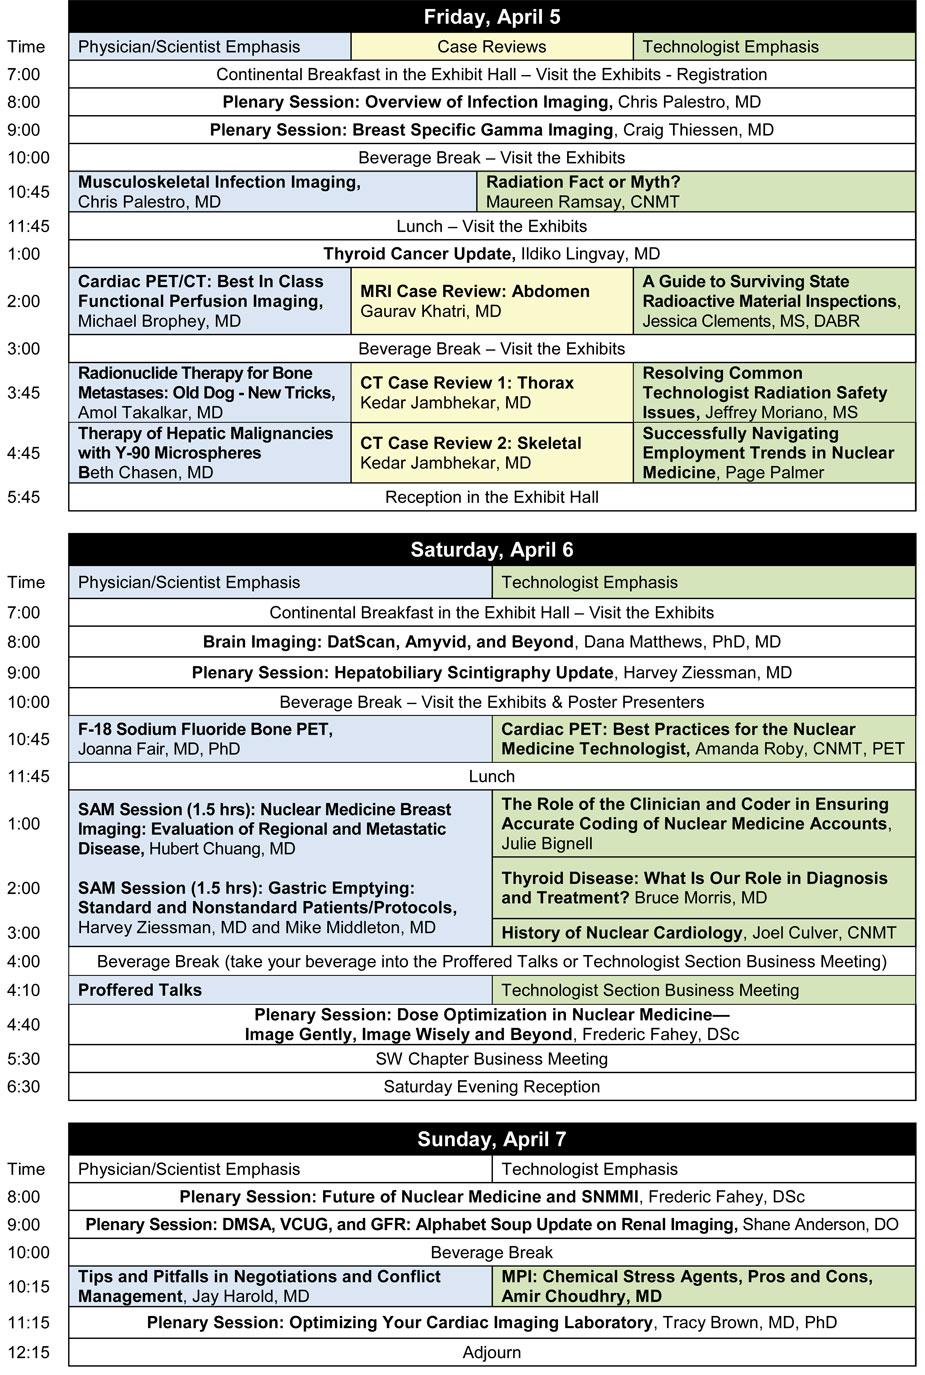 schedule_2013.jpg